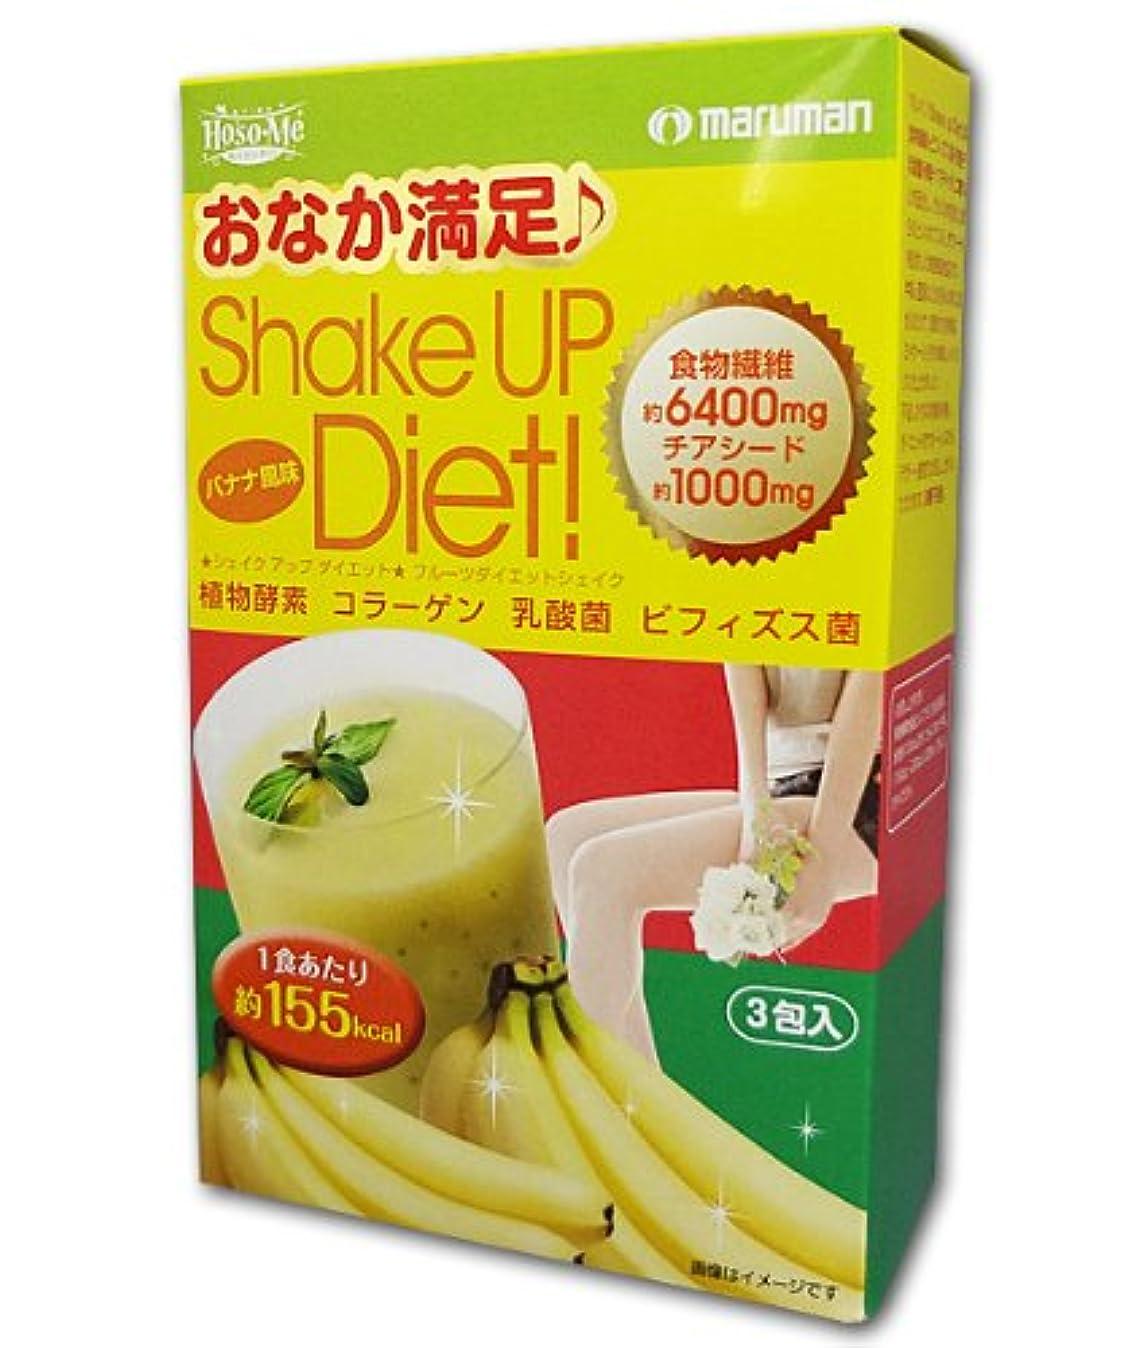 アナニバープロトタイプ生むマルマン シェイクアップダイエット バナナ風味 3包入